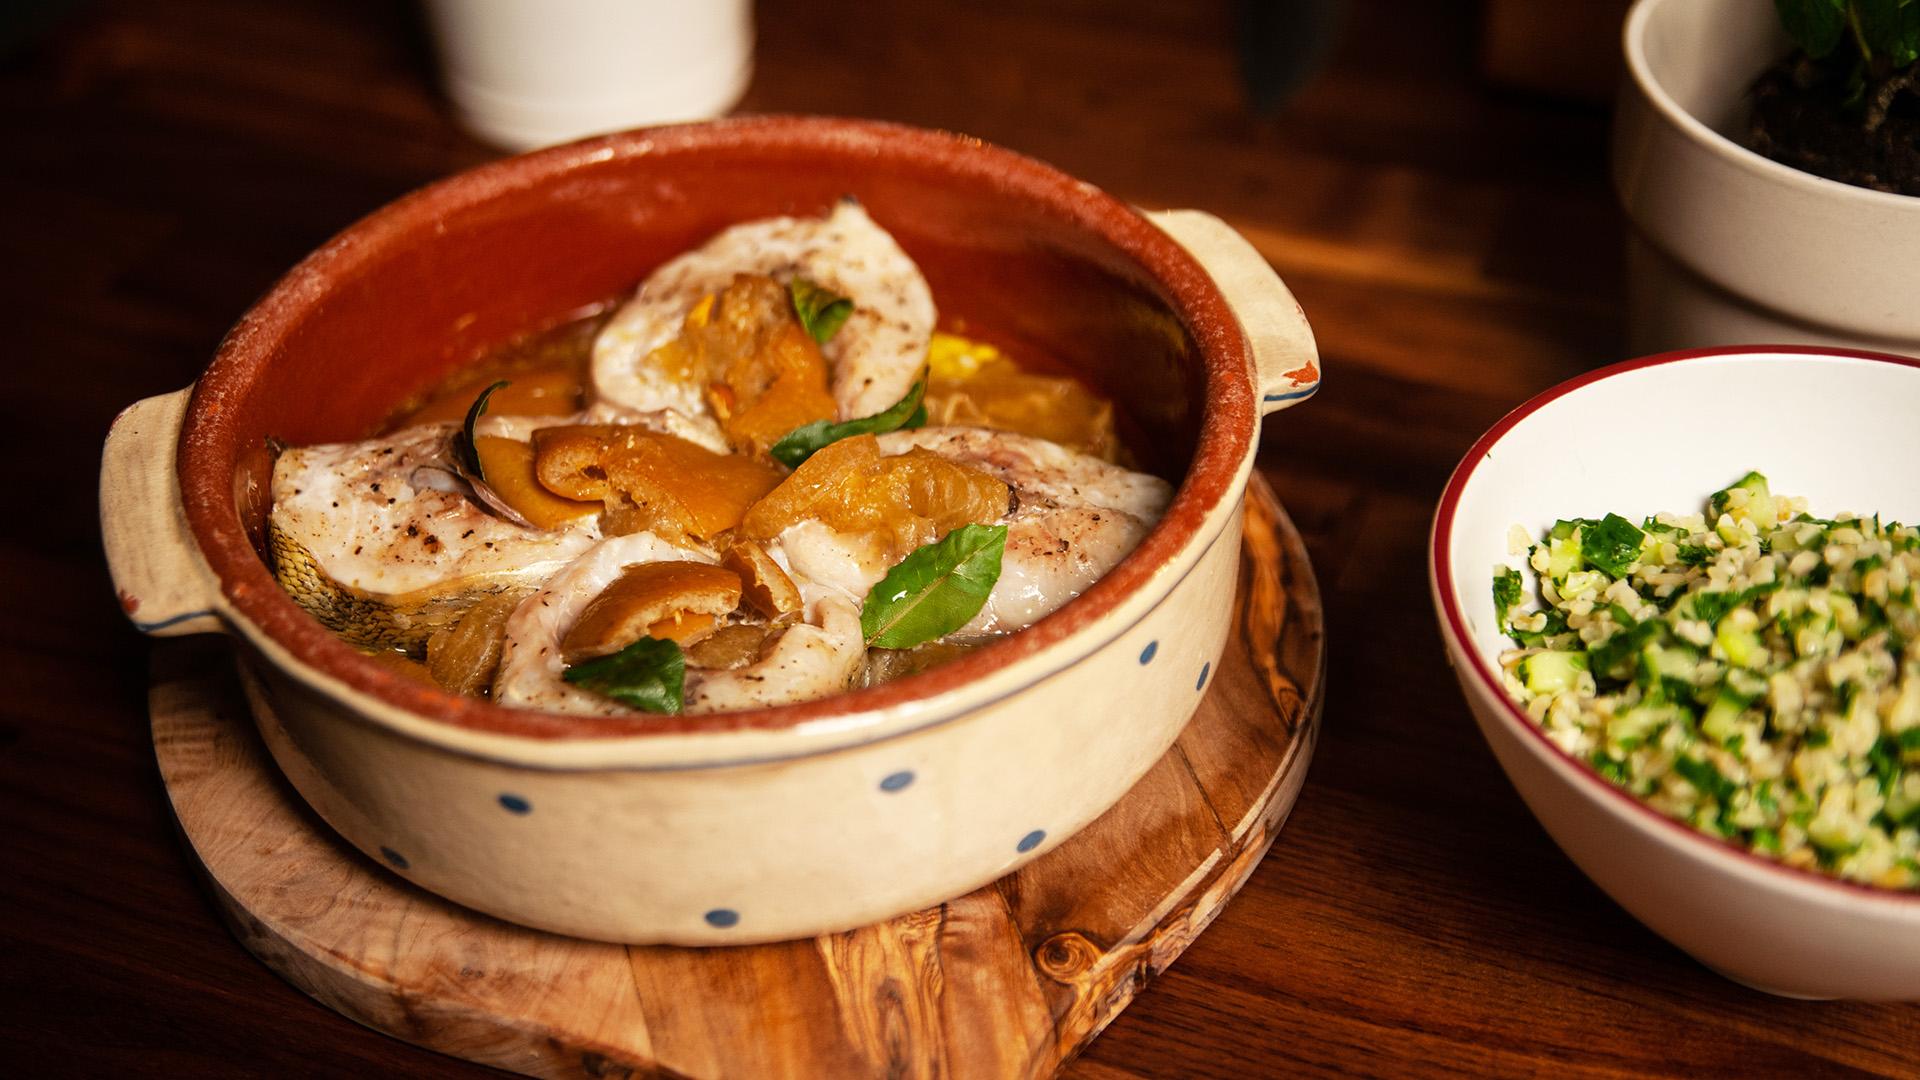 Sandacz pieczony z kiszoną cytryną i sałatką tabbouleh